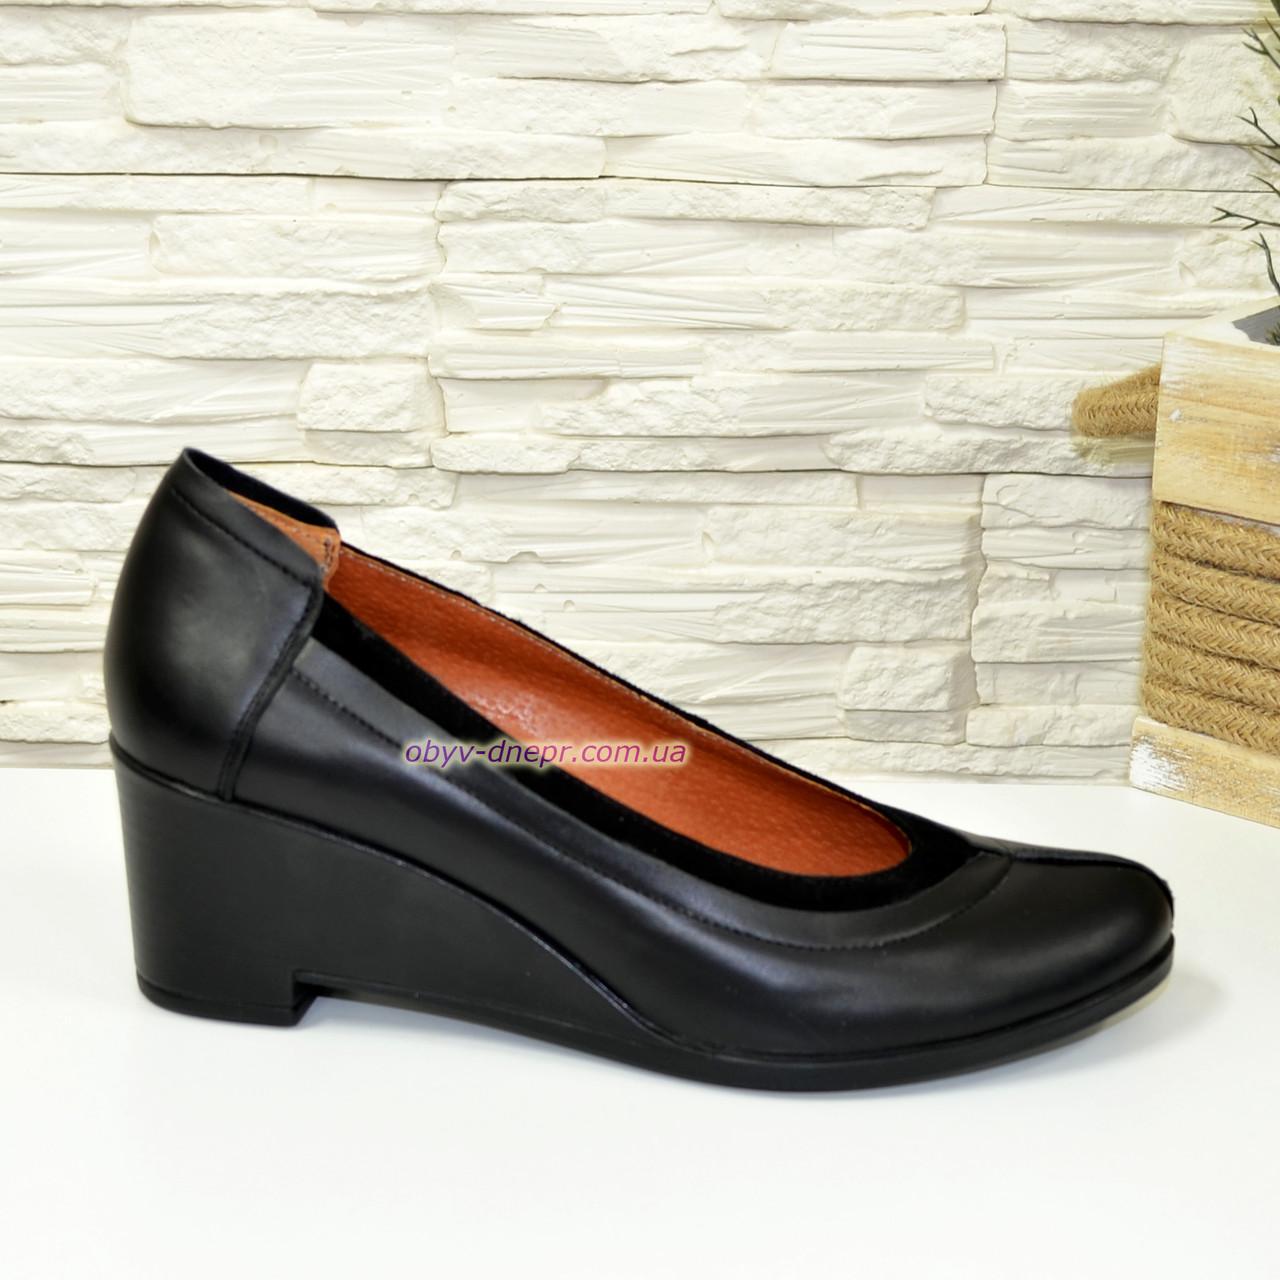 Женские кожаные туфли на удобной танкетке купить и заказать с ... 7361234c398